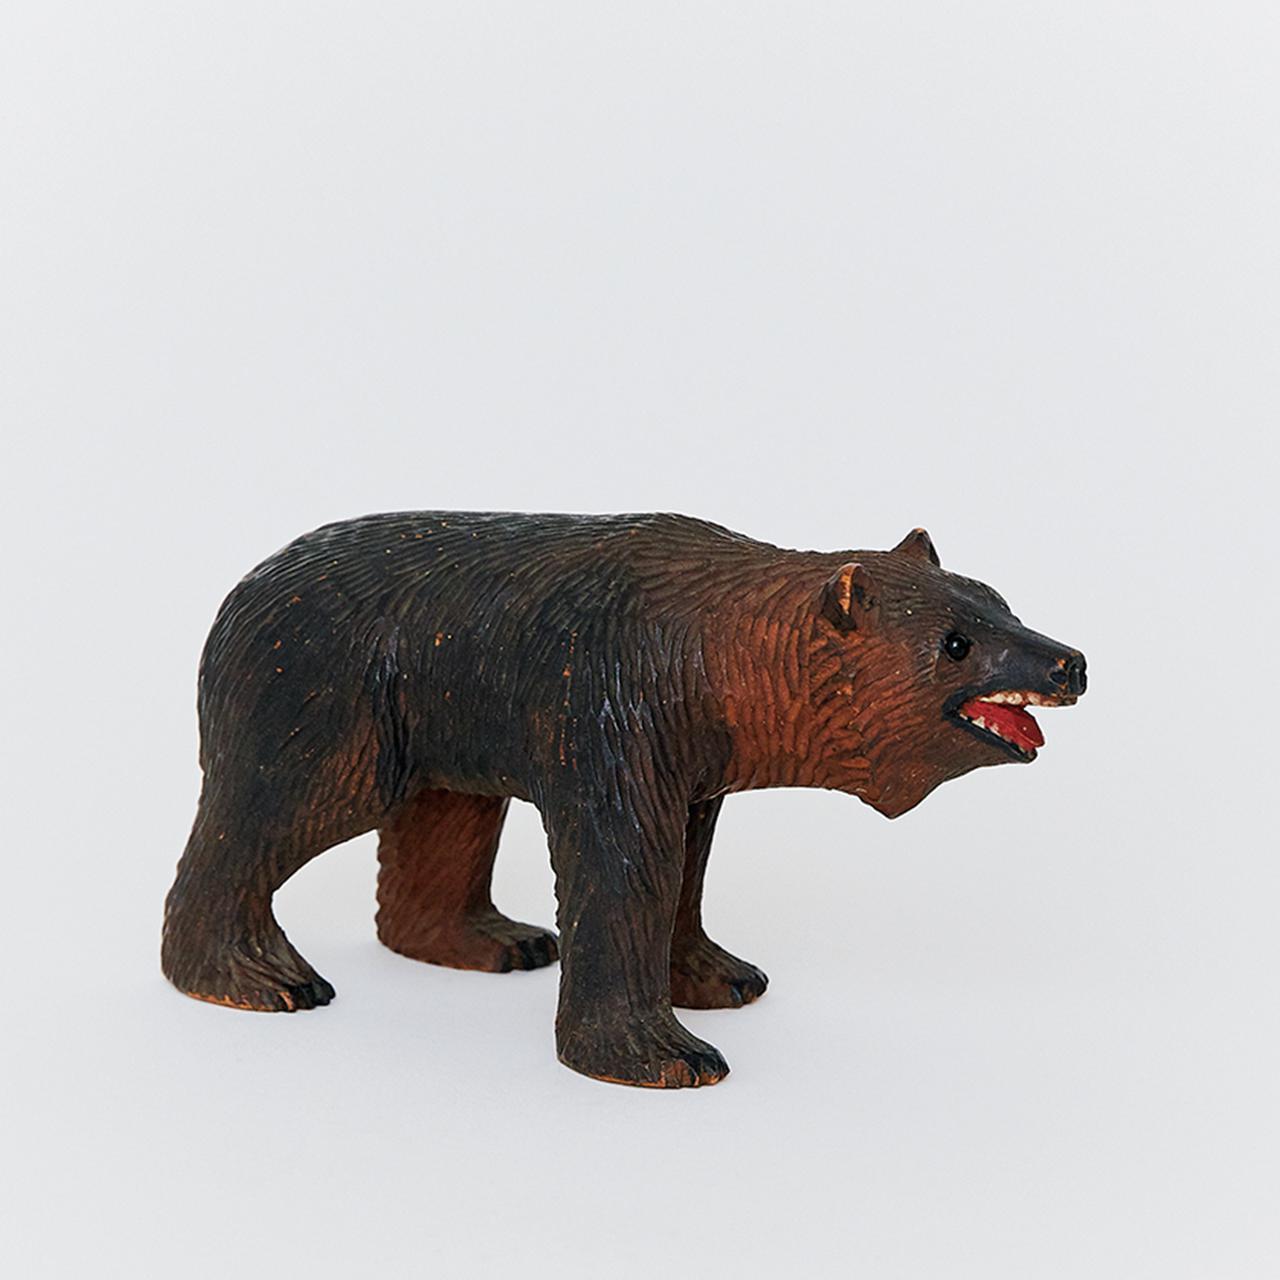 Images : 6番目の画像 - 「連載 Vol.10 コレクションは持ち主を語る。 編集者、安藤夏樹の木彫り熊」のアルバム - T JAPAN:The New York Times Style Magazine 公式サイト